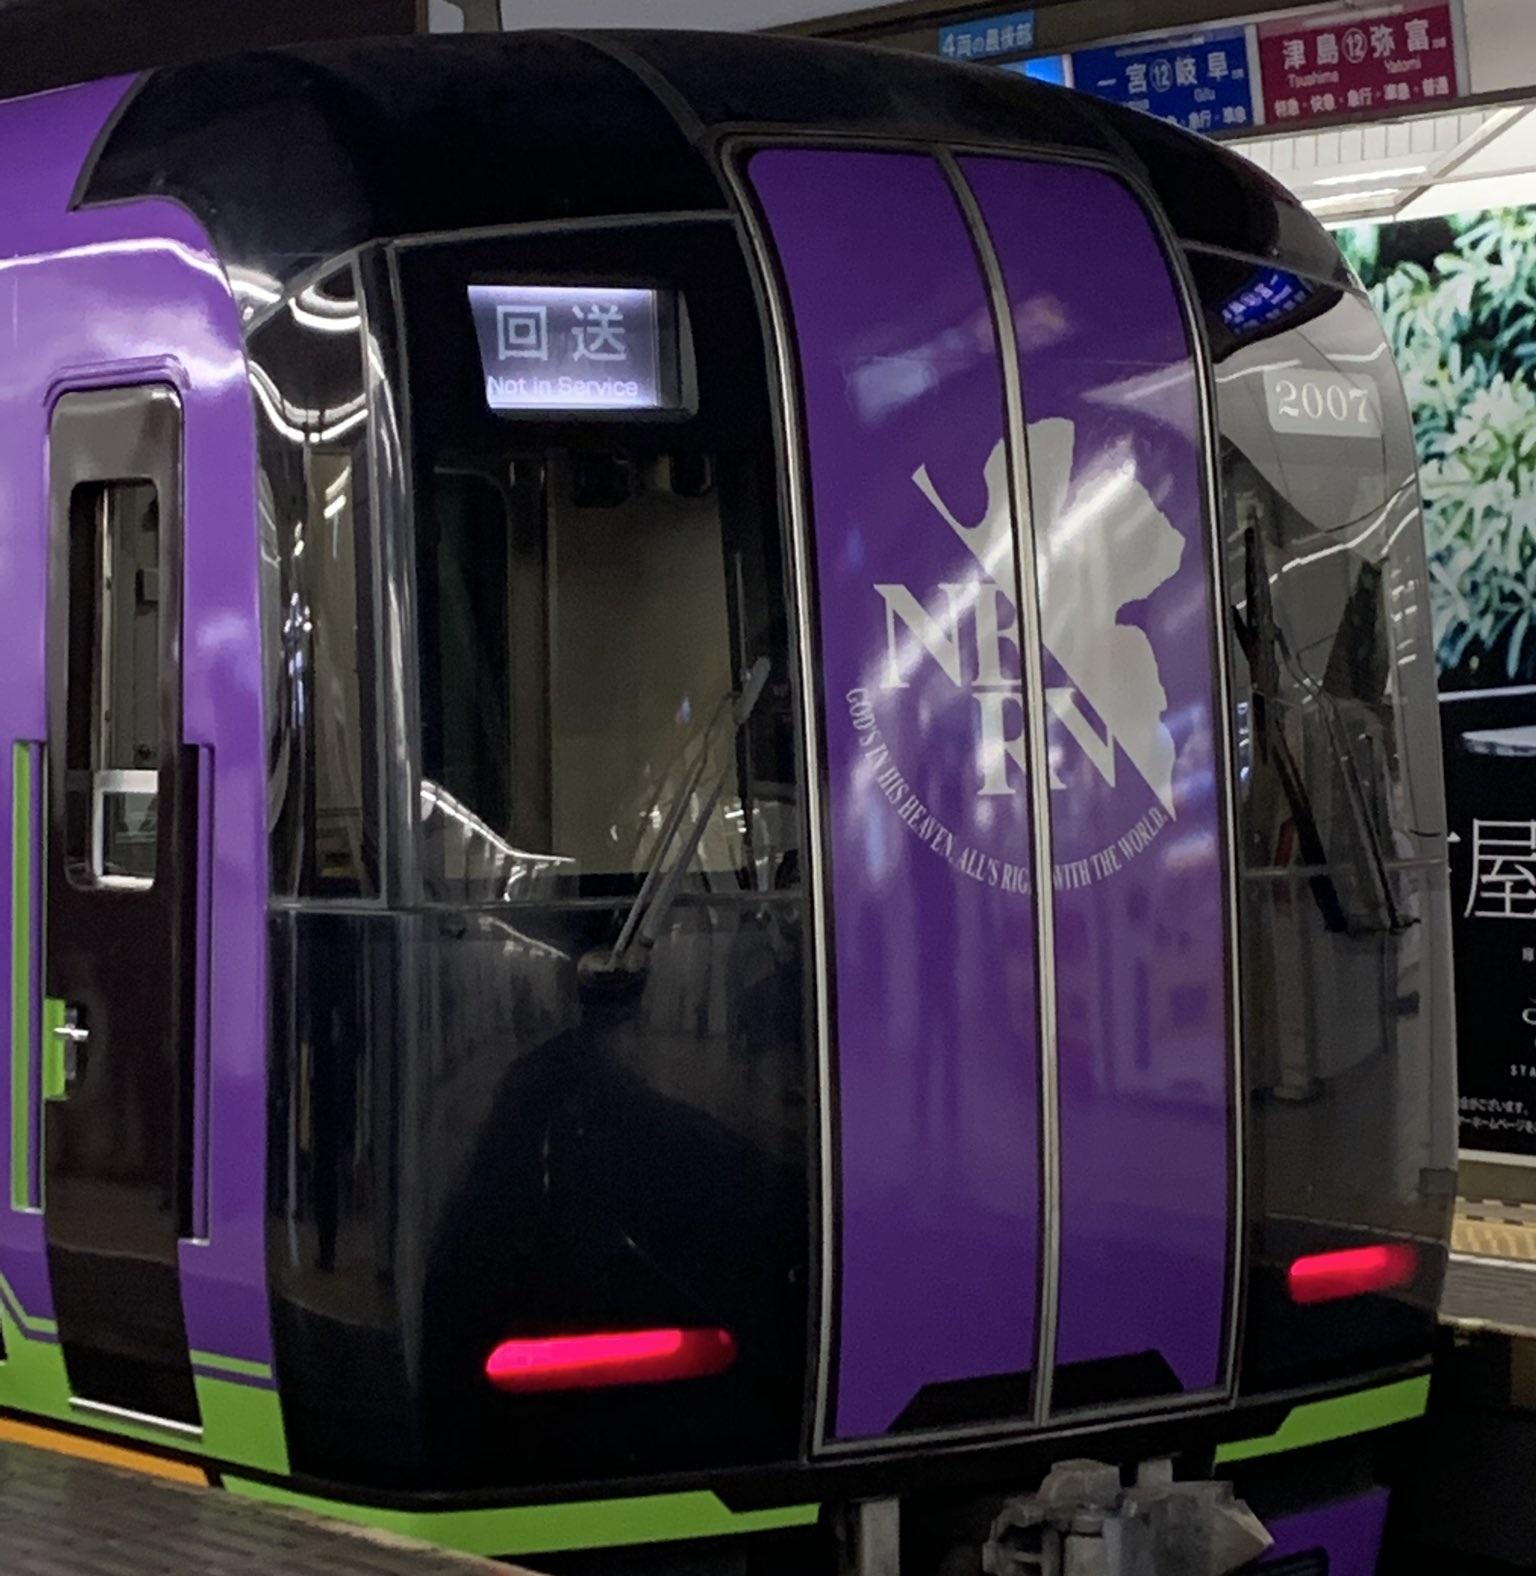 Япония обзавелась новым поездом в стиле аниме «Евангелион»